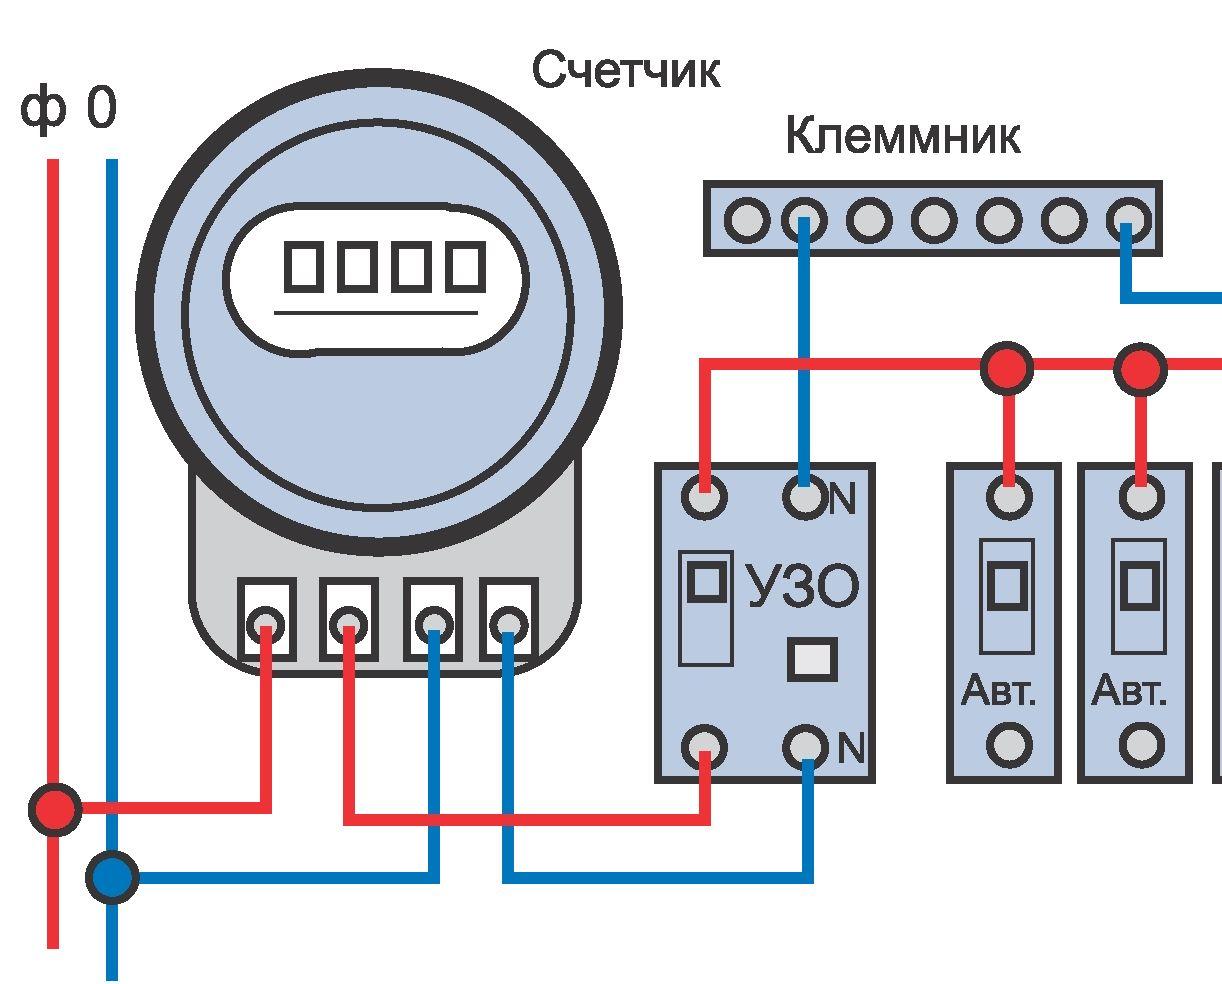 Схема подключения счетчика с автоматами на даче